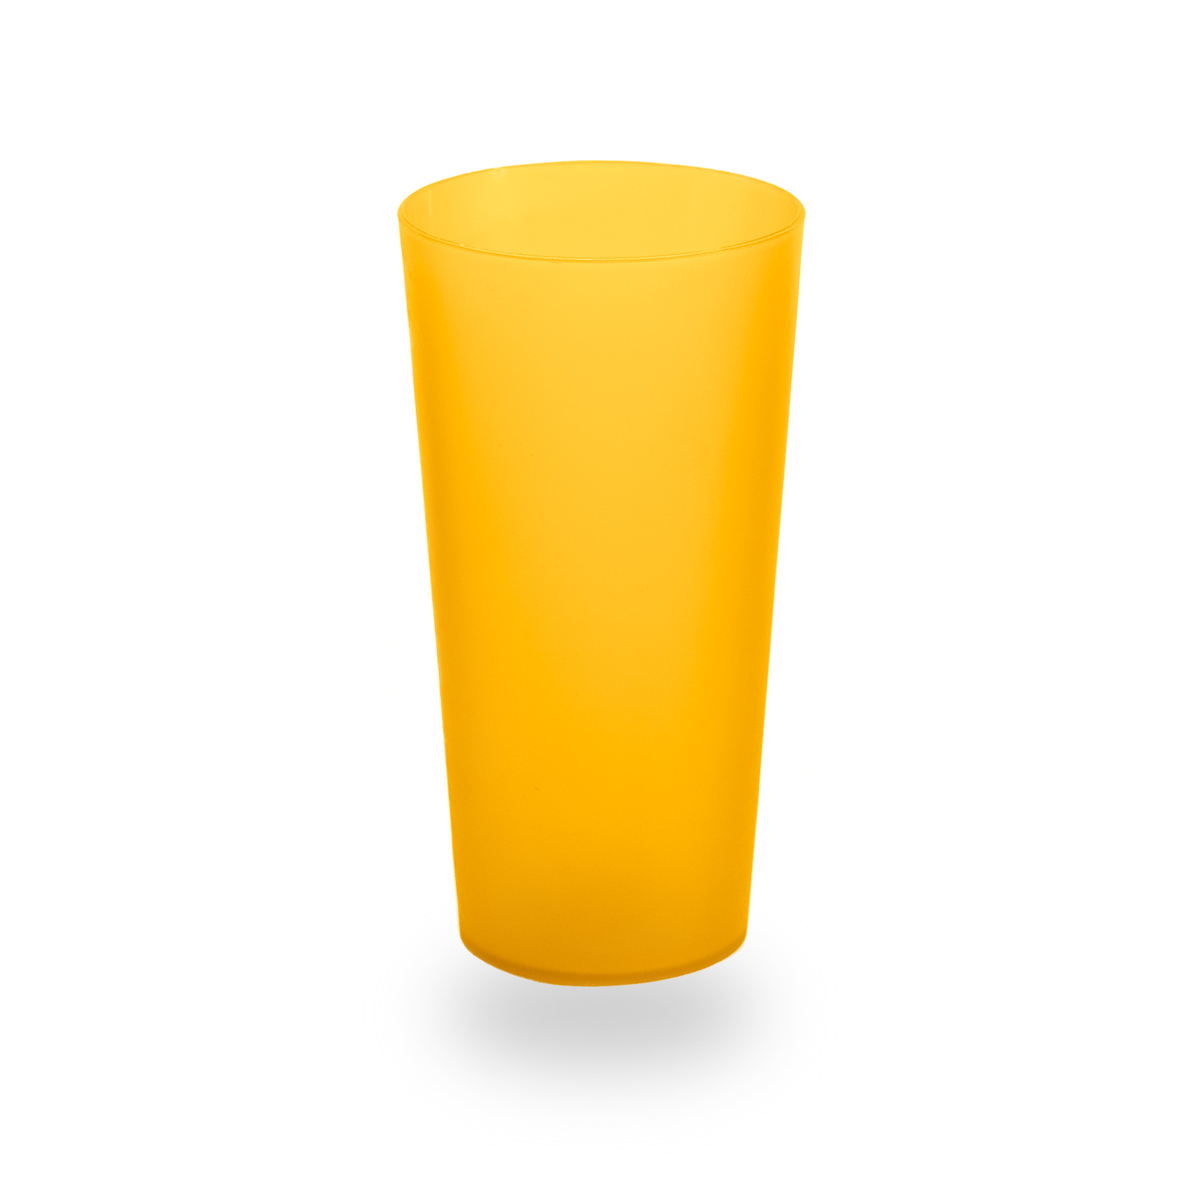 Vaso de plástico usual naranja